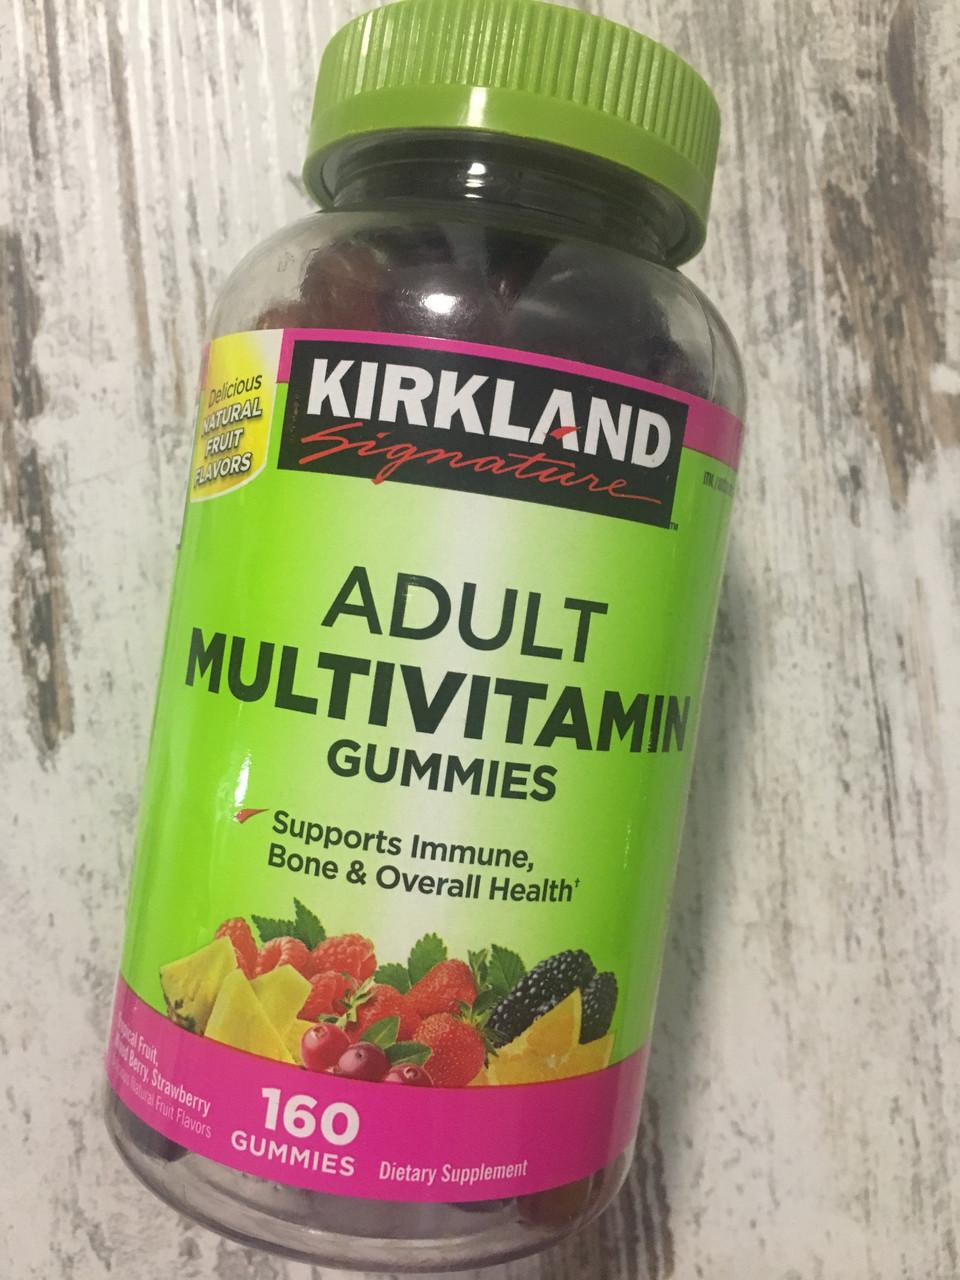 Мультивитамины для взрослых Kirkland Adult multivitamin gummies